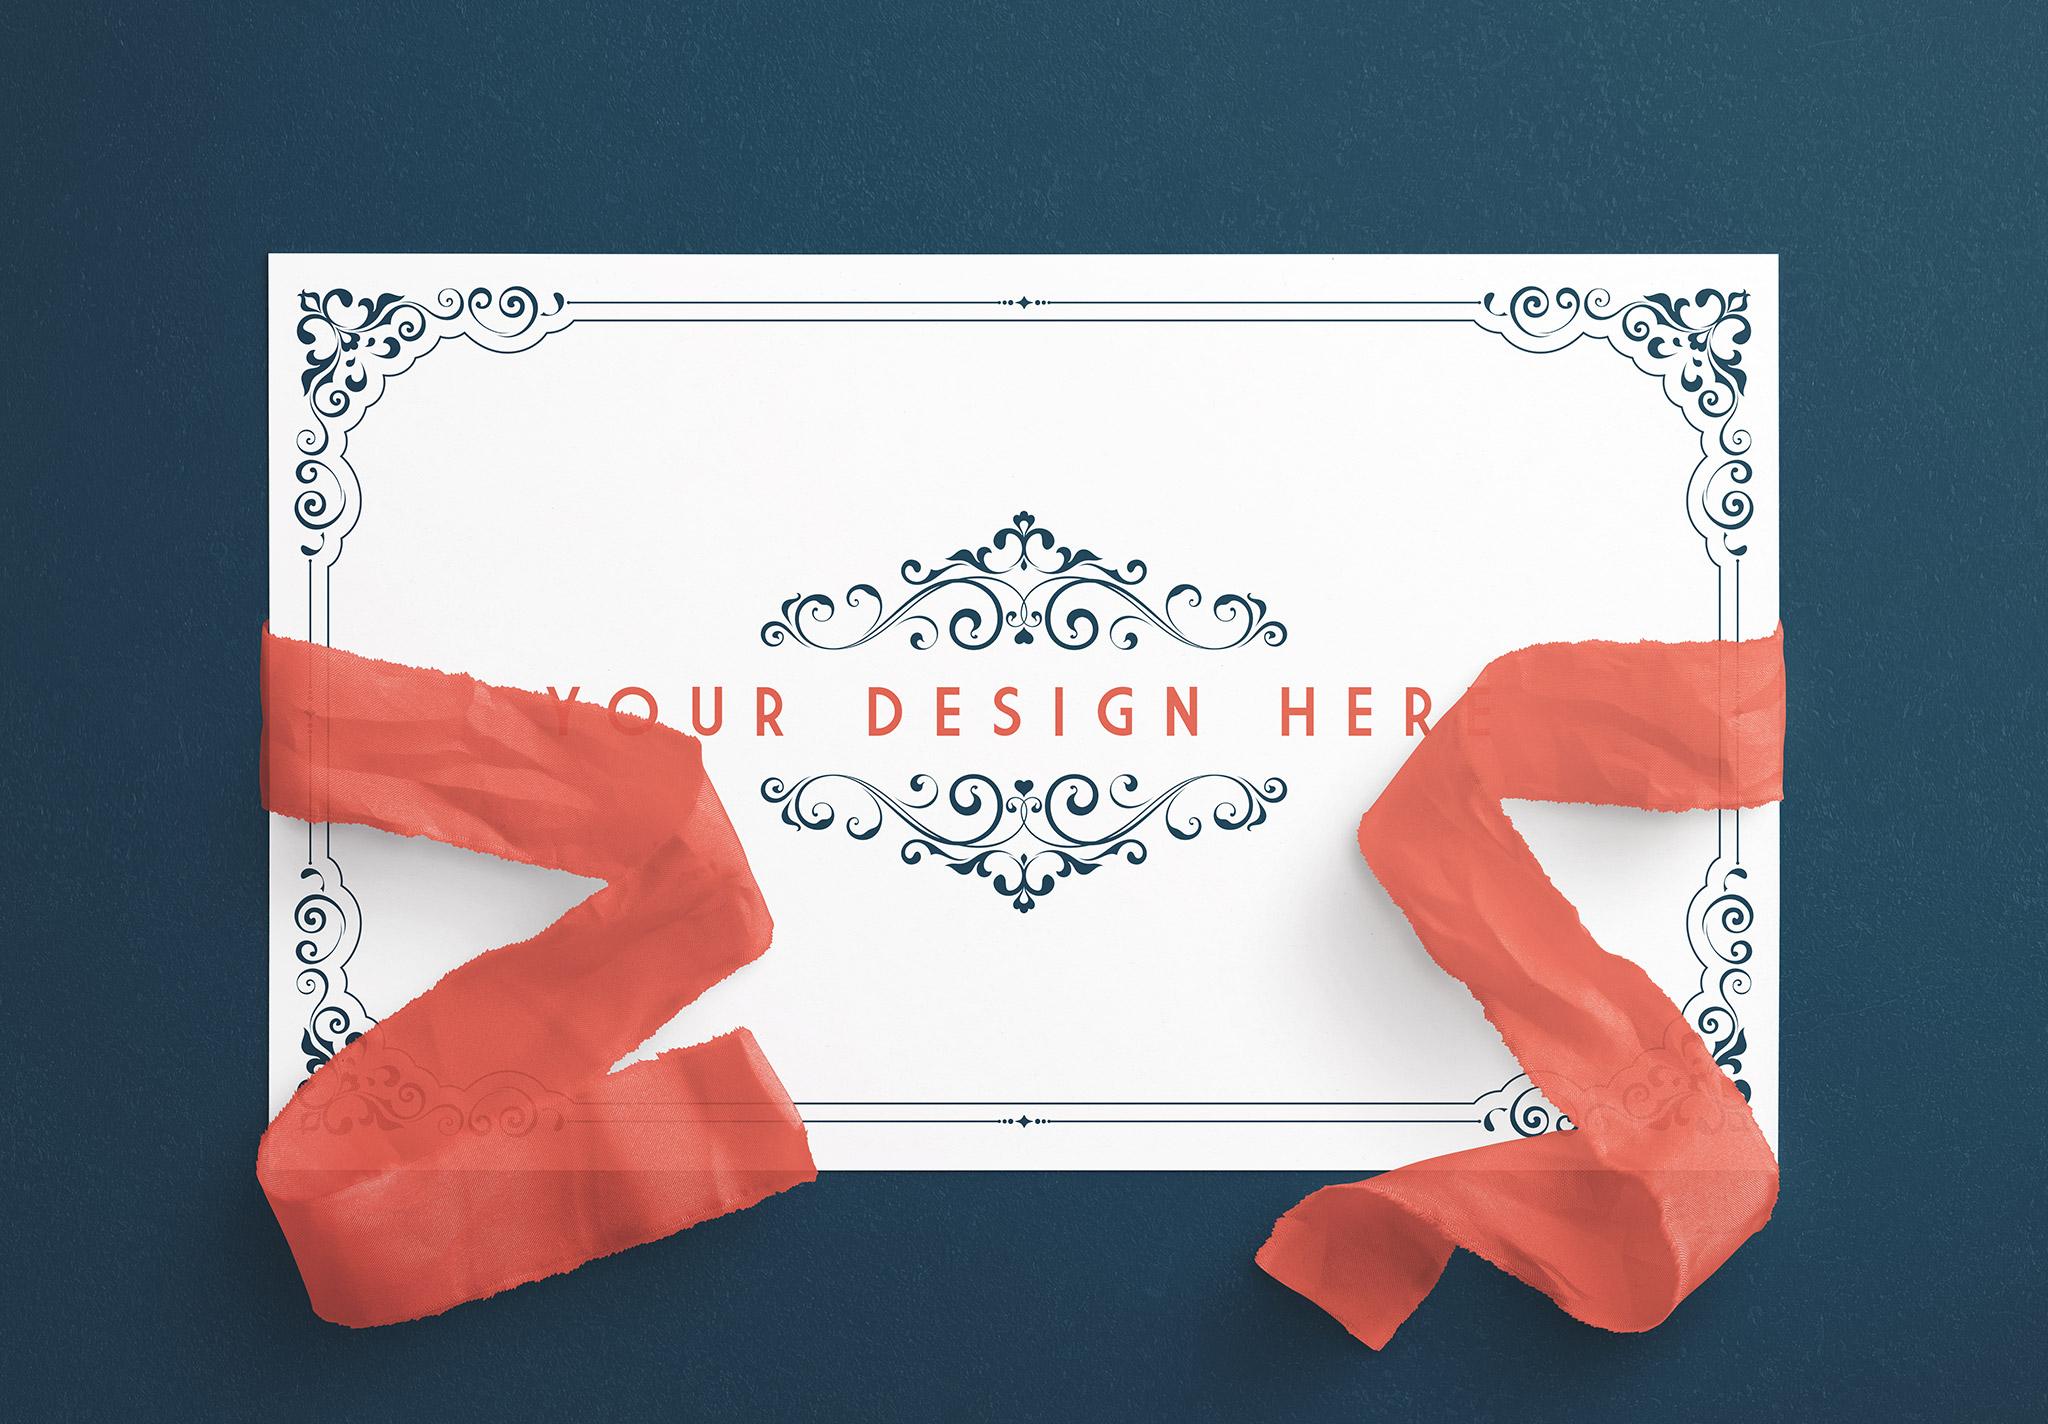 Card With Ribbons Mockup 4 image01